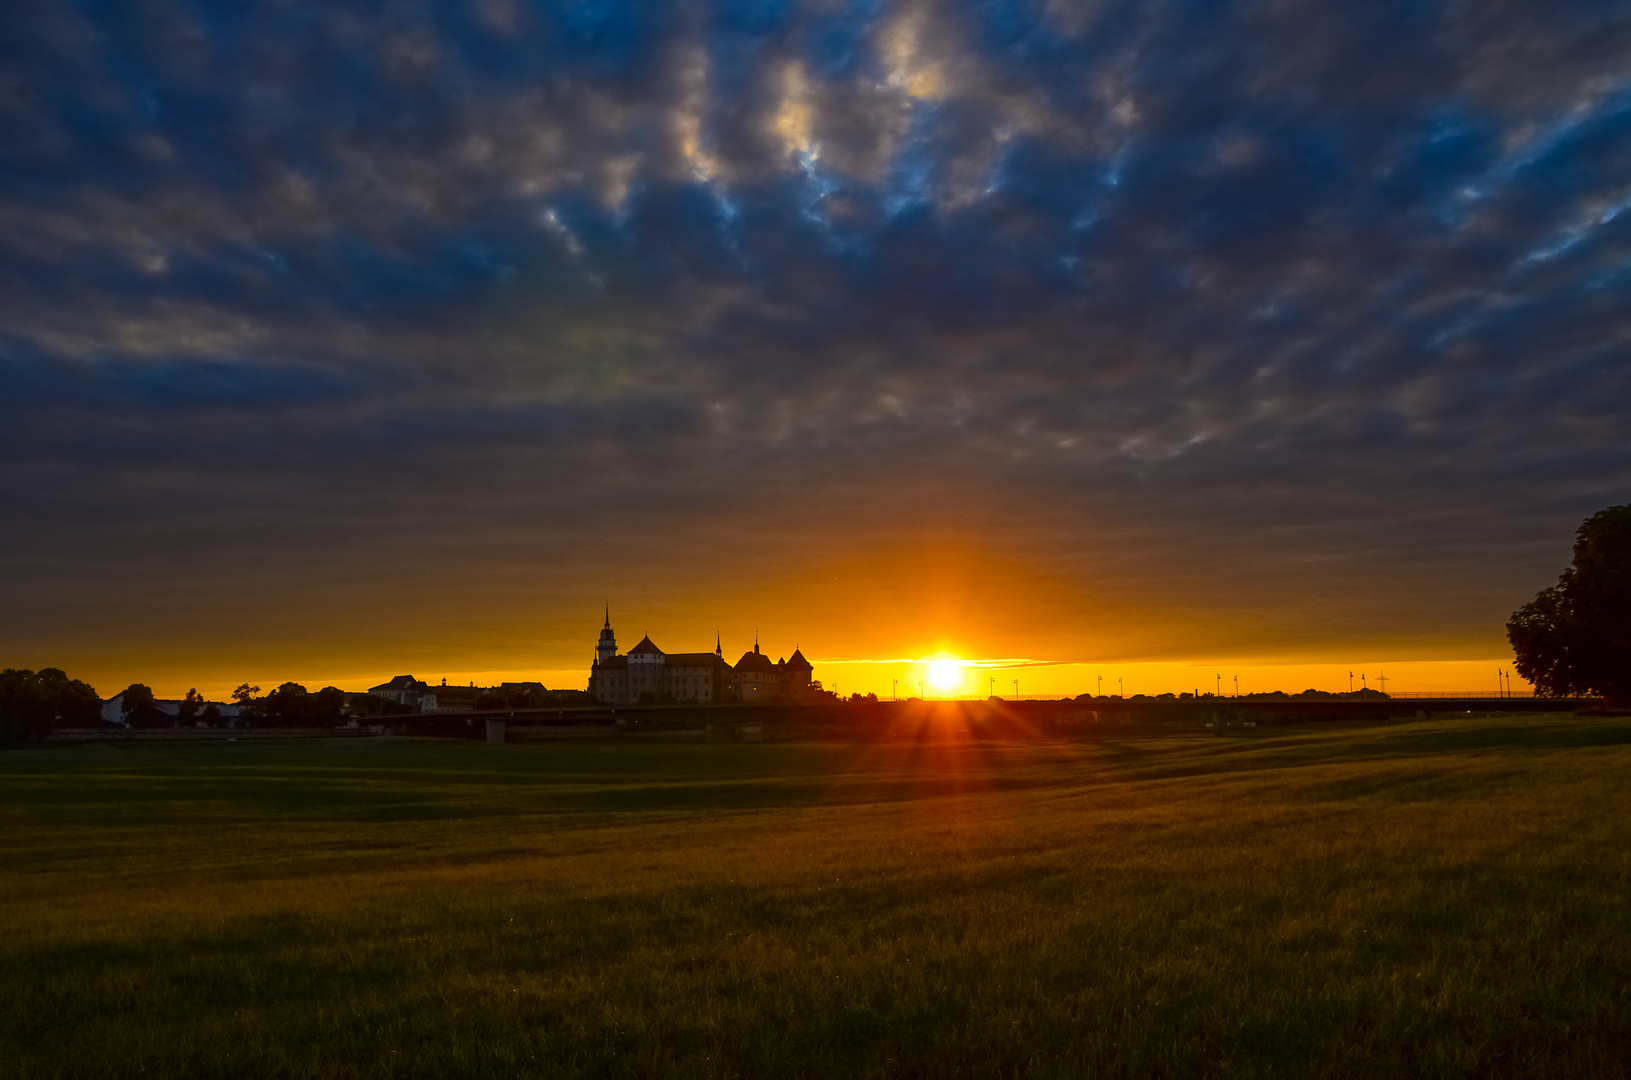 Sonnenuntergang am Schloss Hartenfels